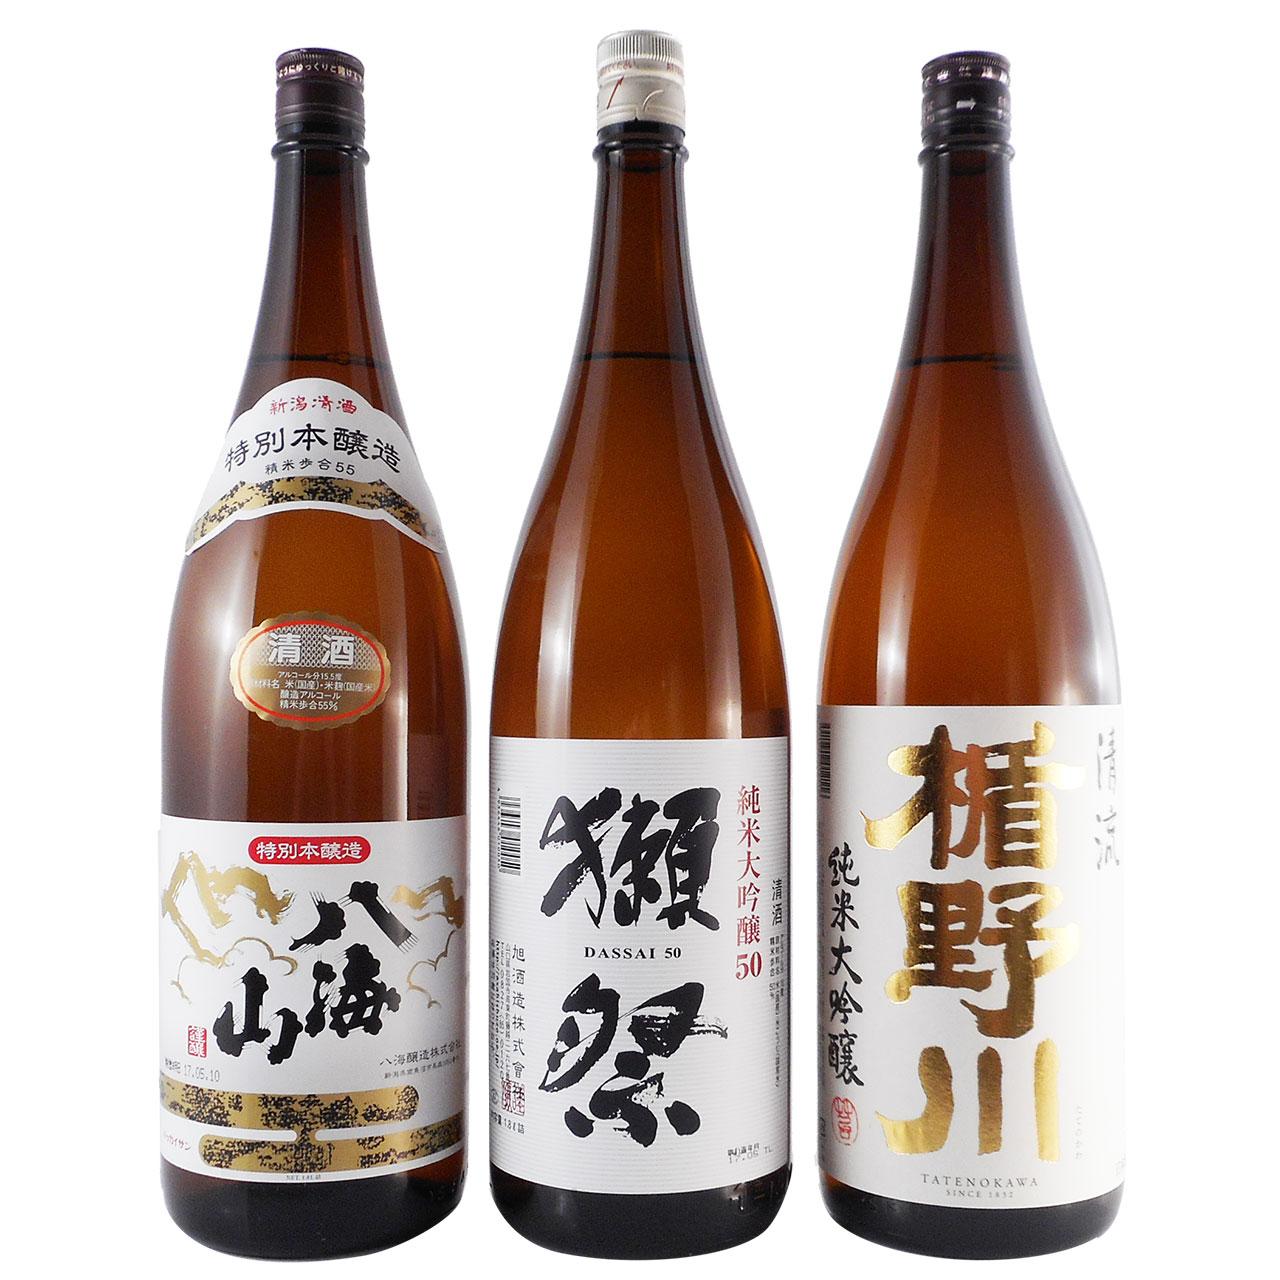 【お歳暮 ギフト】日本酒 飲み比べセット 一升瓶 3本 八海山、獺祭、楯野川 1.8L